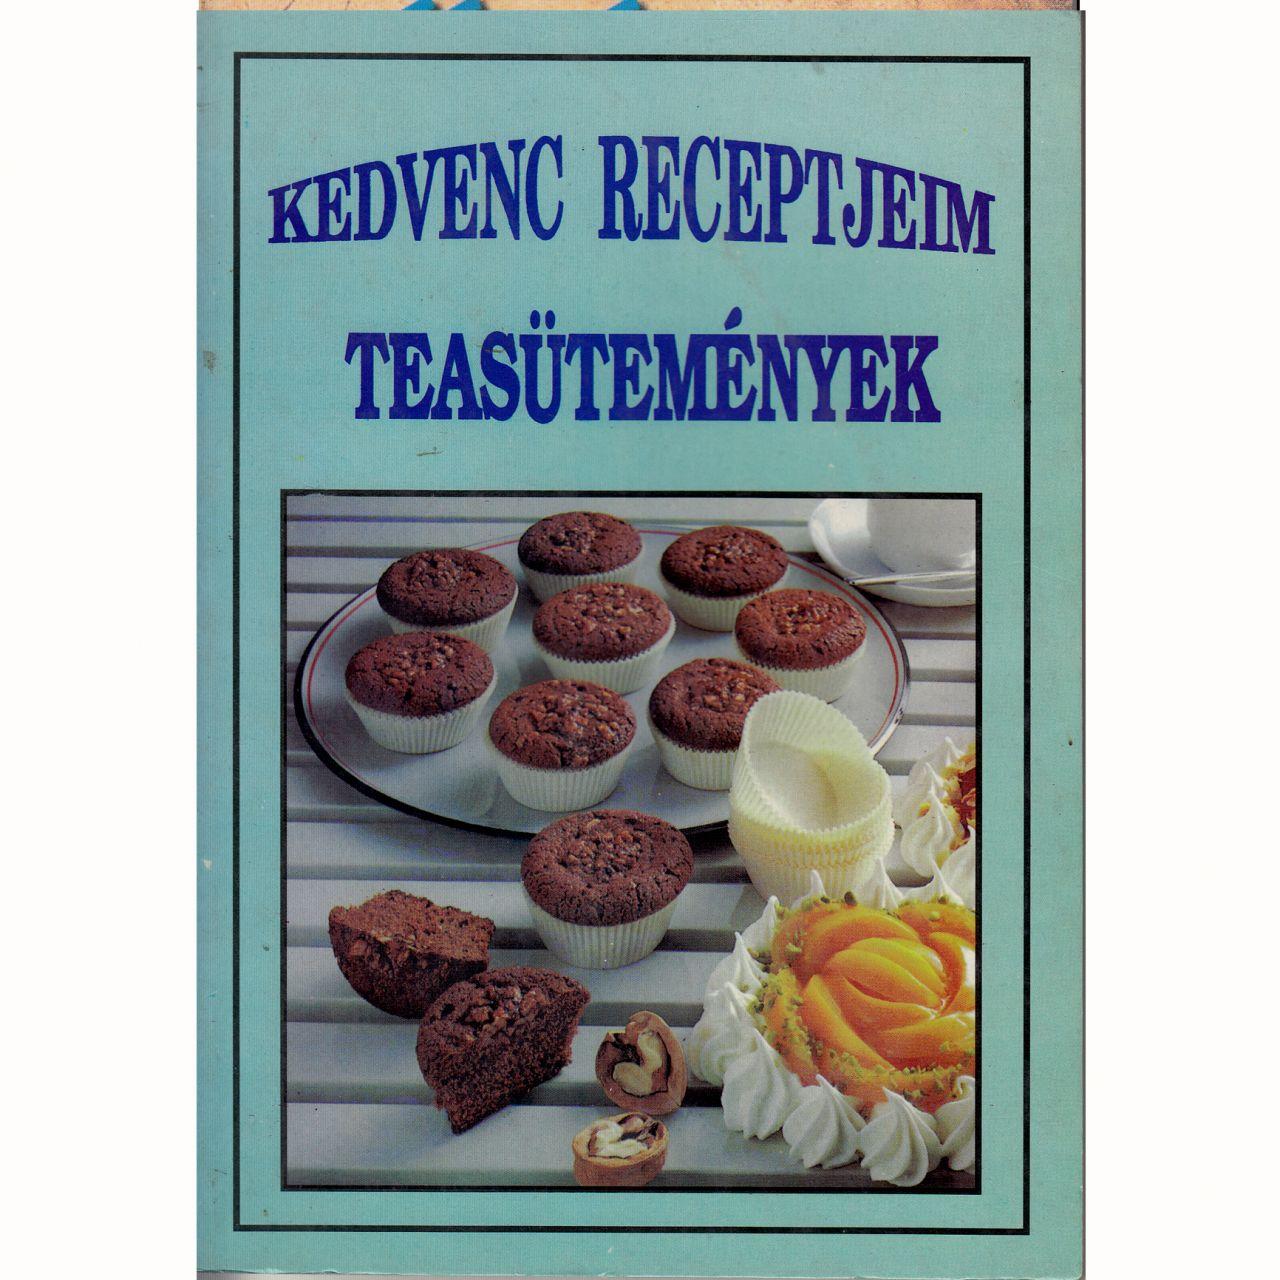 Kedvenc receptjeim: Teasütemények (könyv)